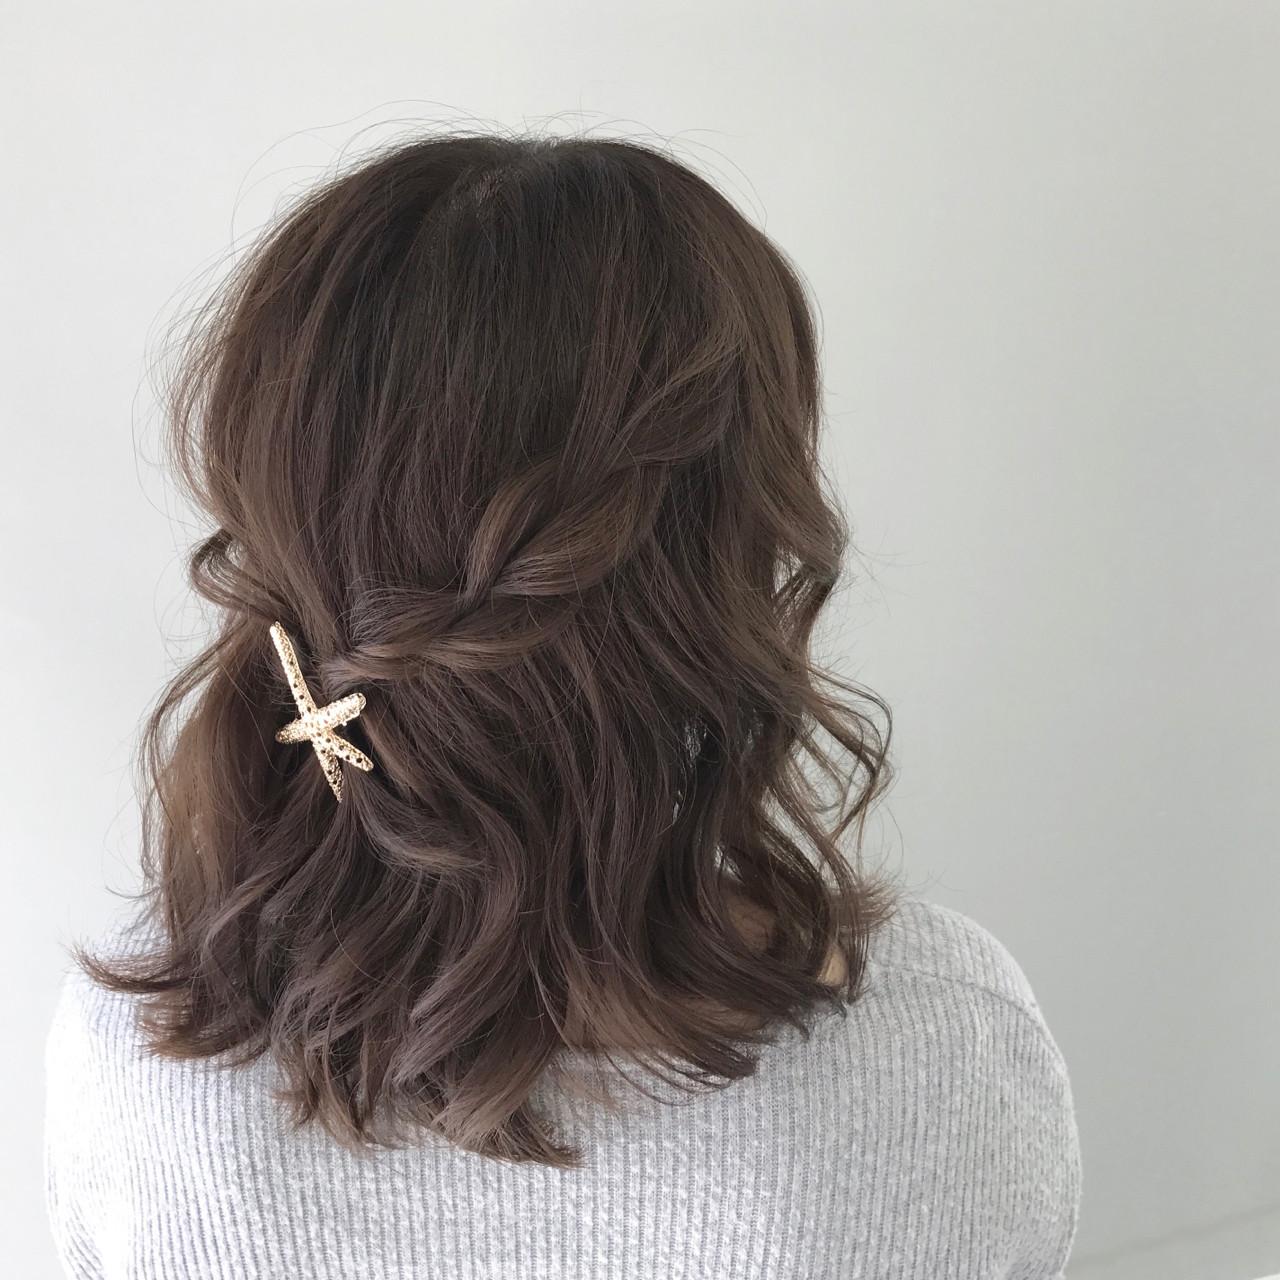 ハーフアップ ヘアアレンジ 簡単ヘアアレンジ ボブヘアスタイルや髪型の写真・画像